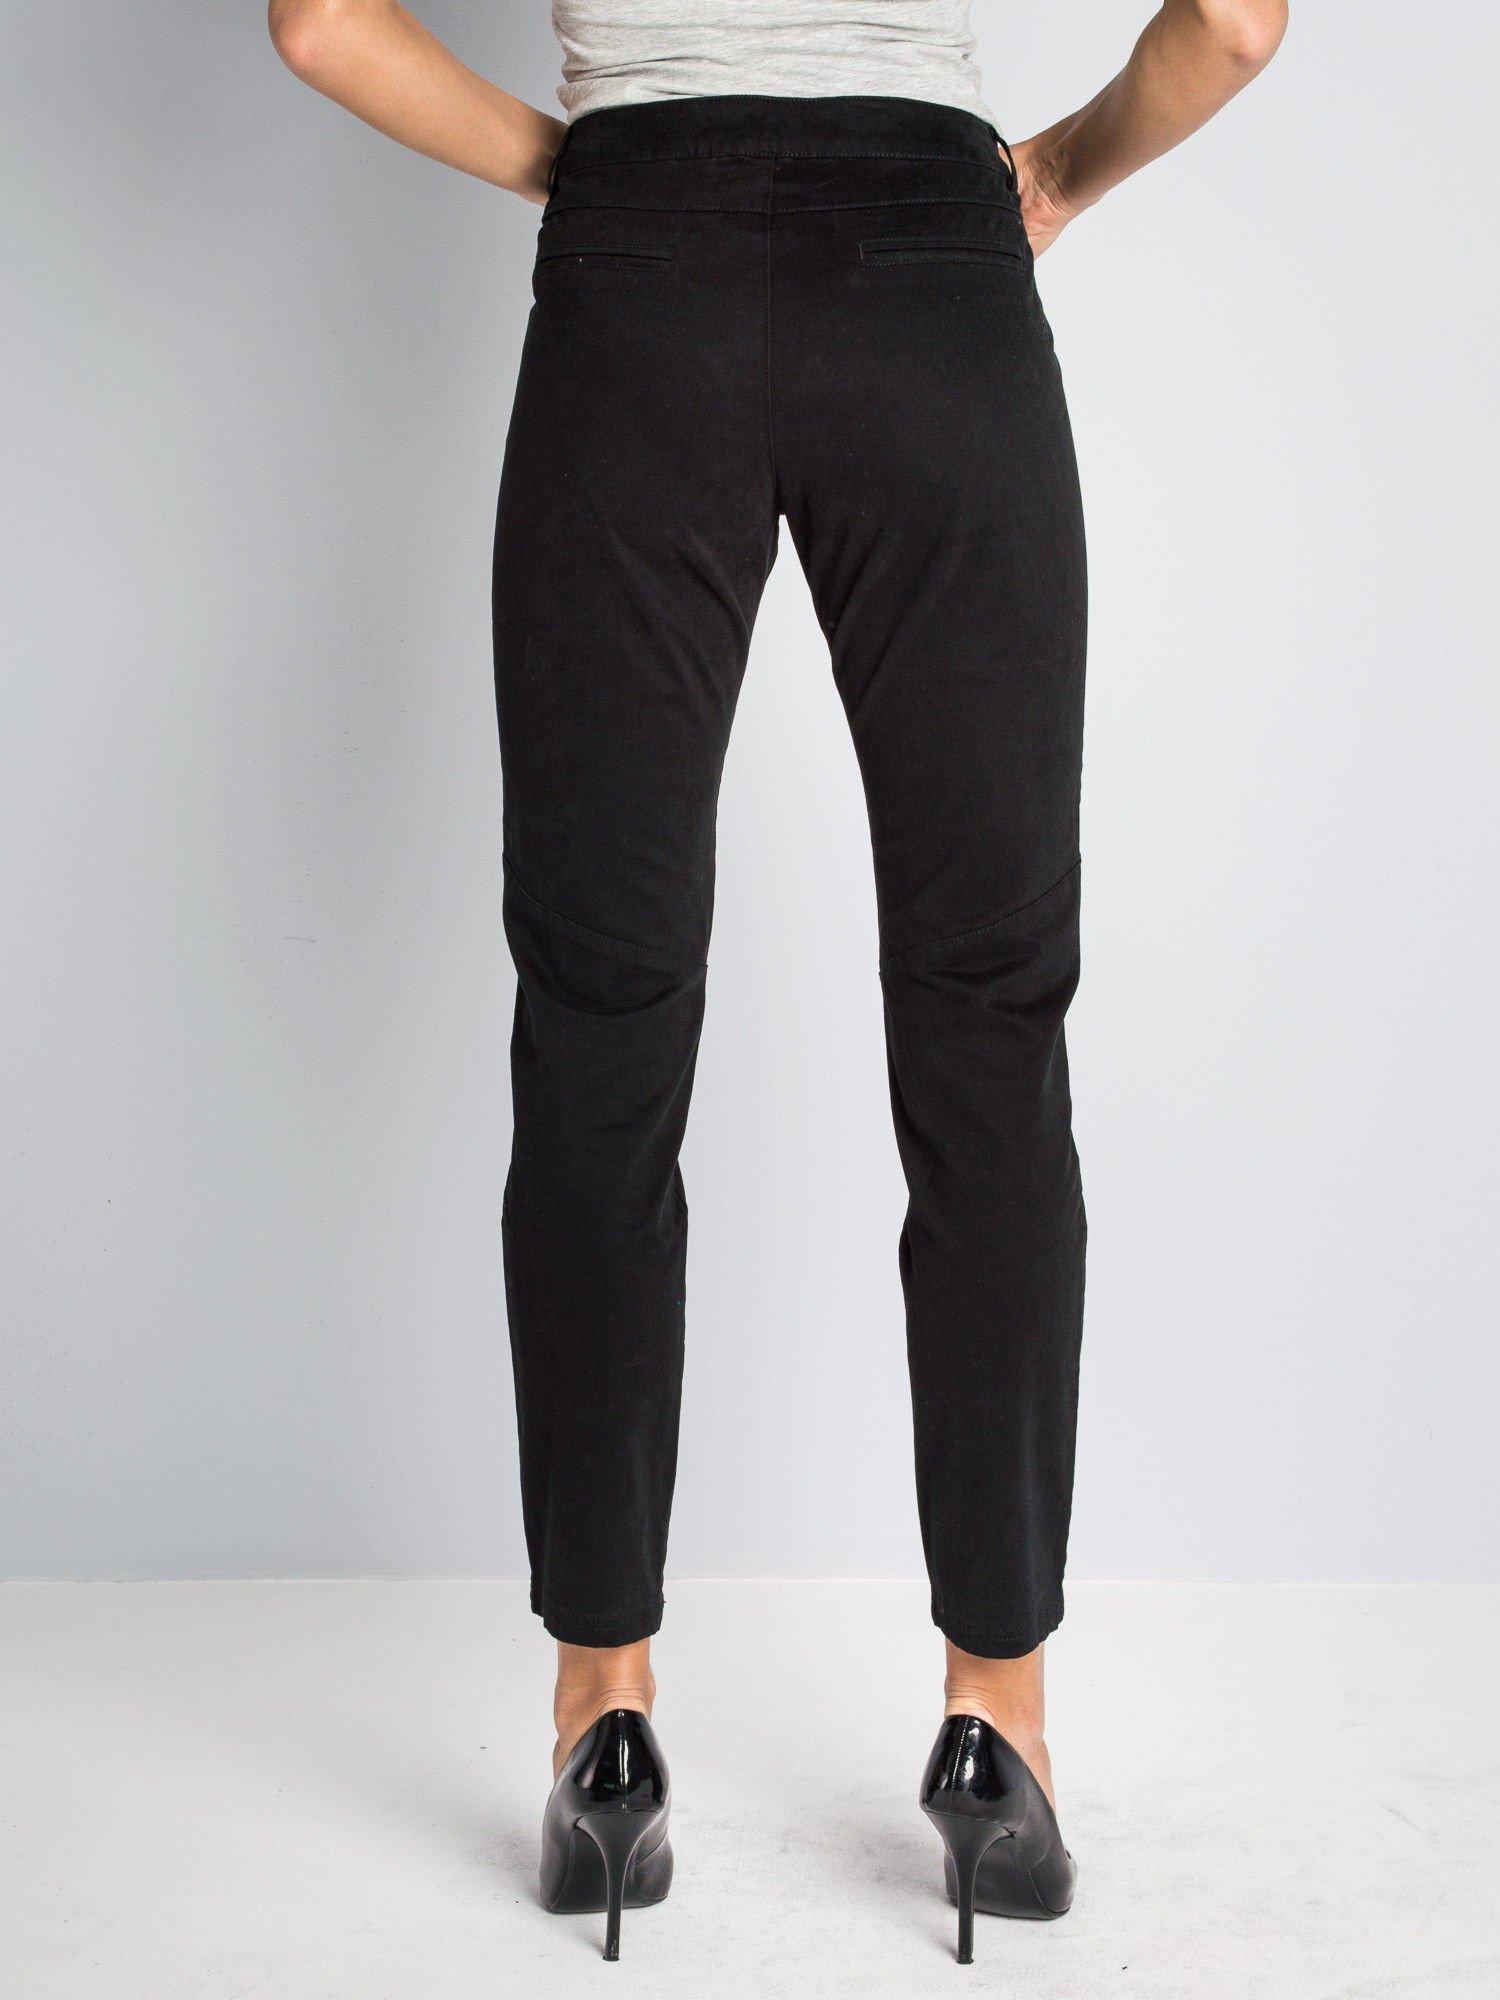 Czarne spodnie materiałowe z przeszyciami na kolanach                                  zdj.                                  4